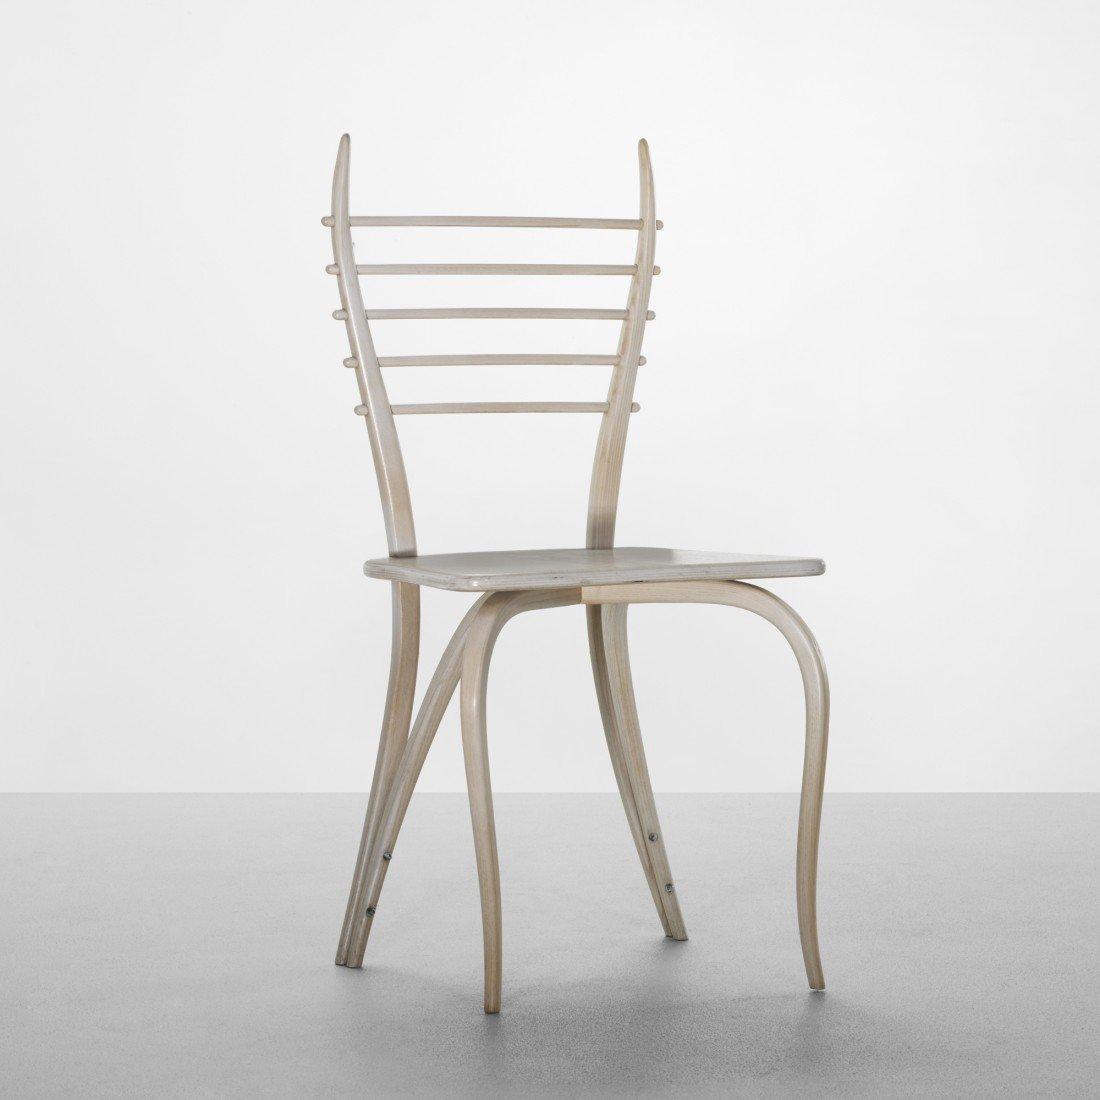 120: Elizabeth Garouste and Mattia Bonetti Lyre chair